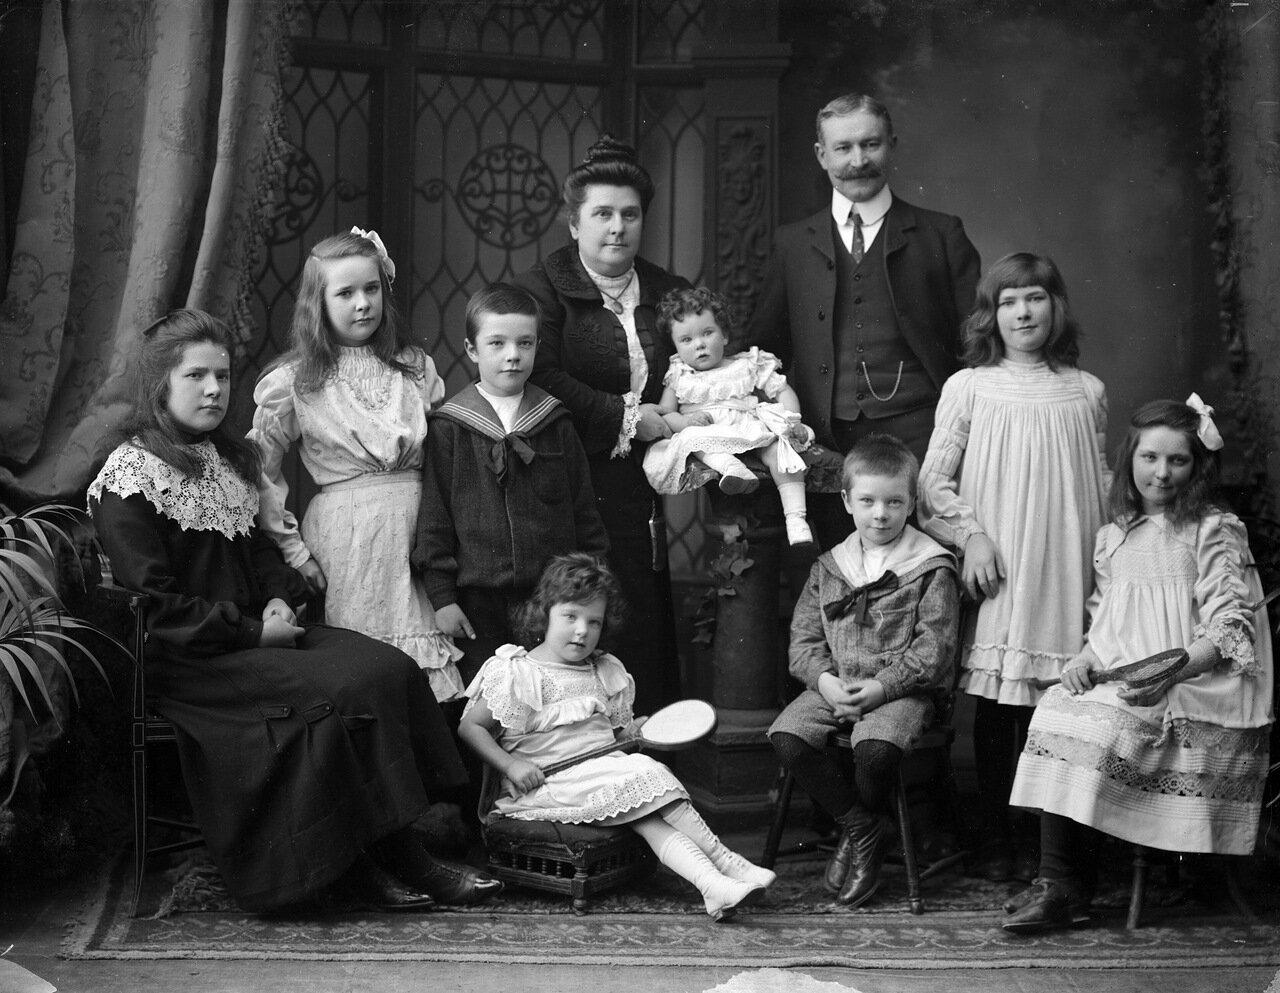 Семья Мэлони Ньютаун, Уотерфорд. 1906.